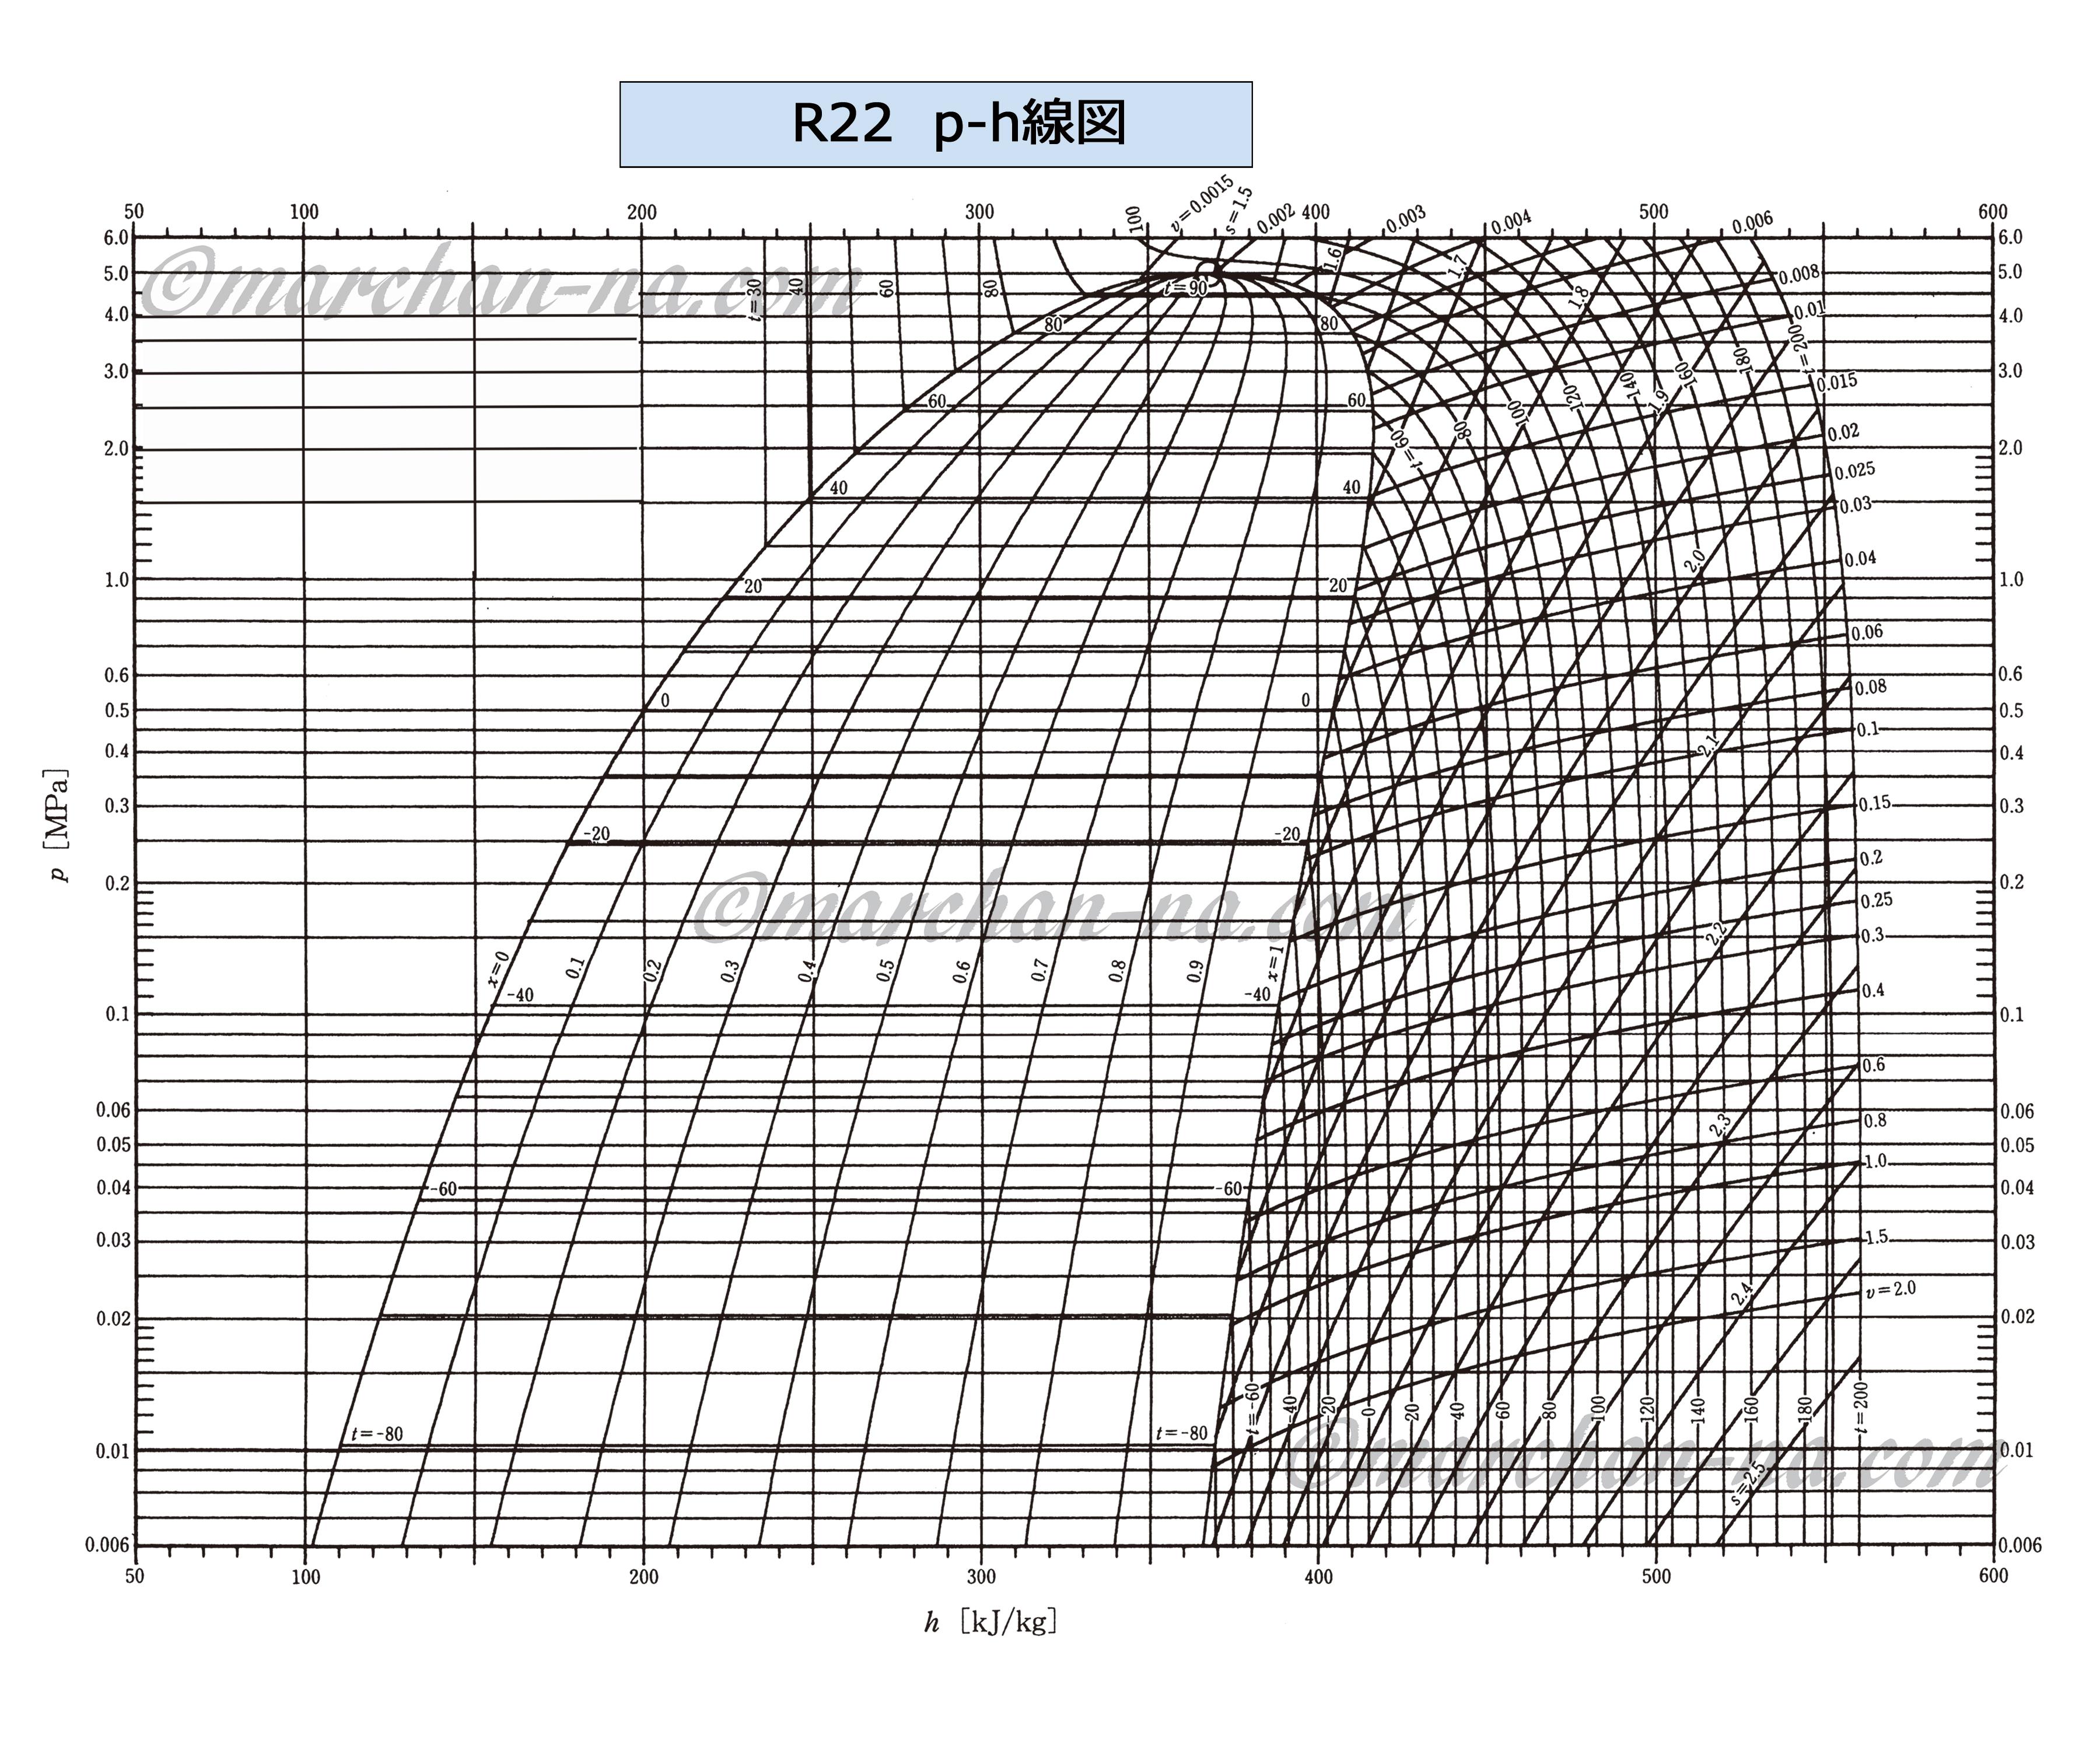 R22 p-h線図